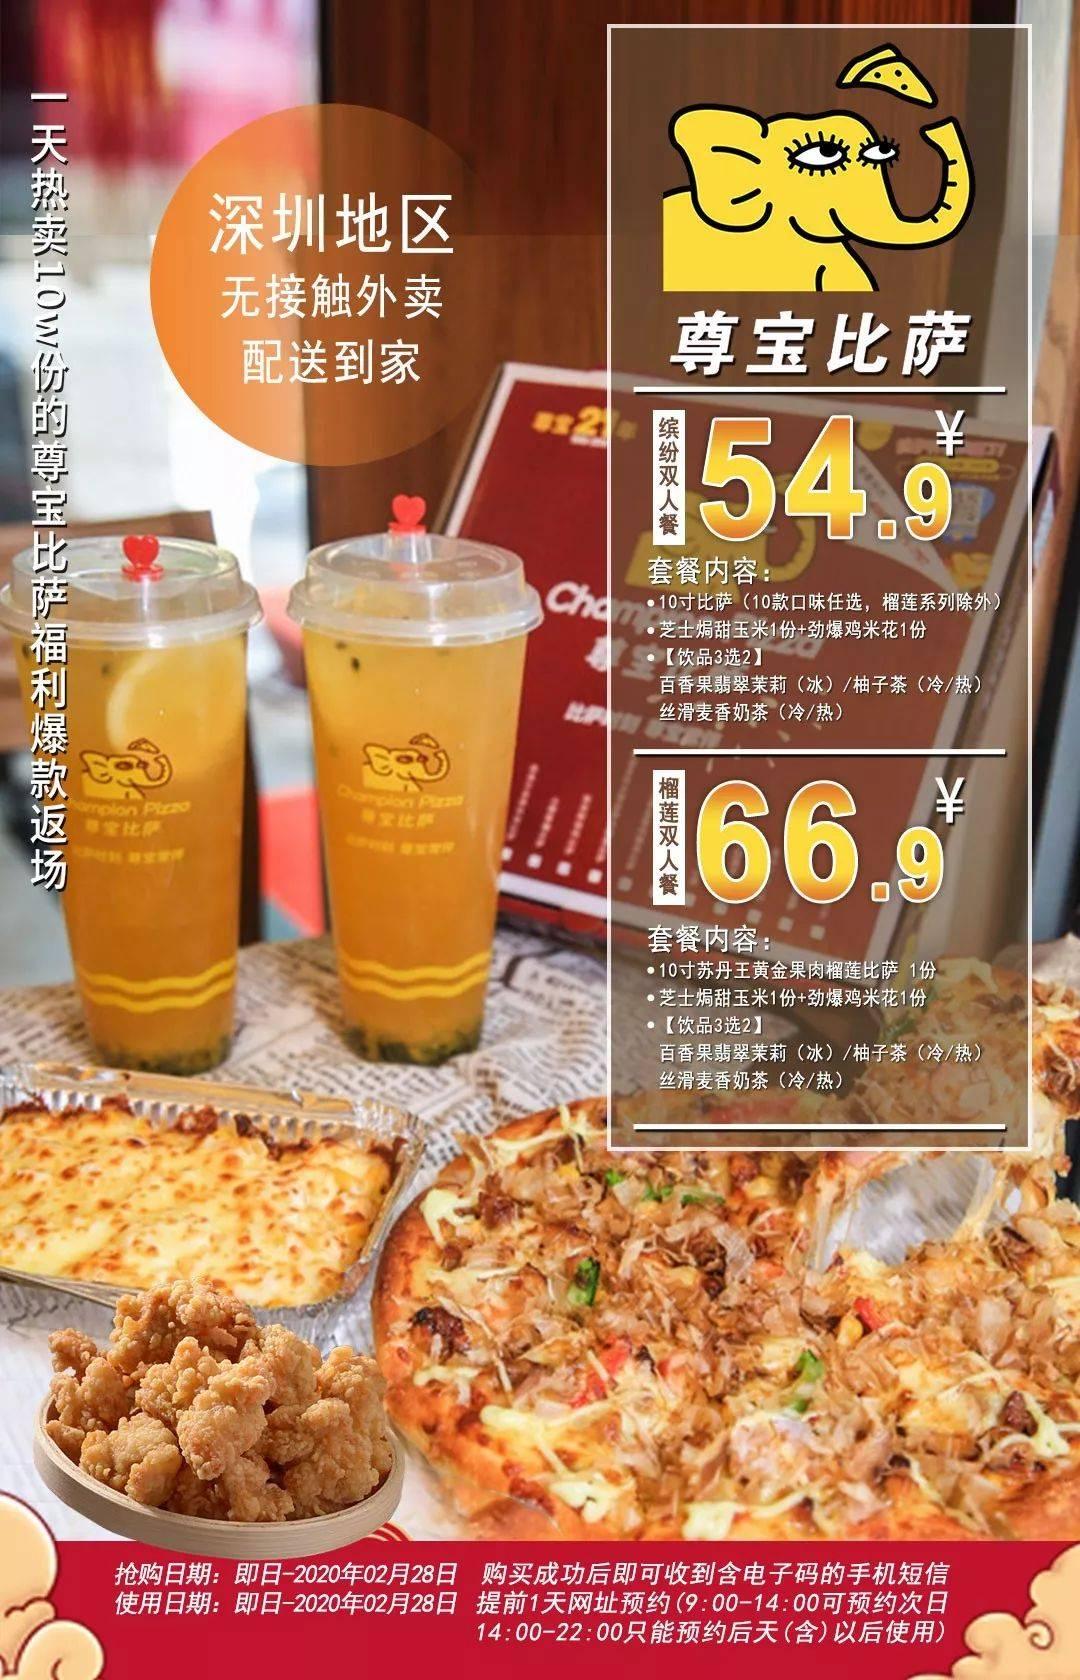 【全深圳·免费配送到家】无接触外卖配送~54.9元享尊宝比萨缤纷双人餐!